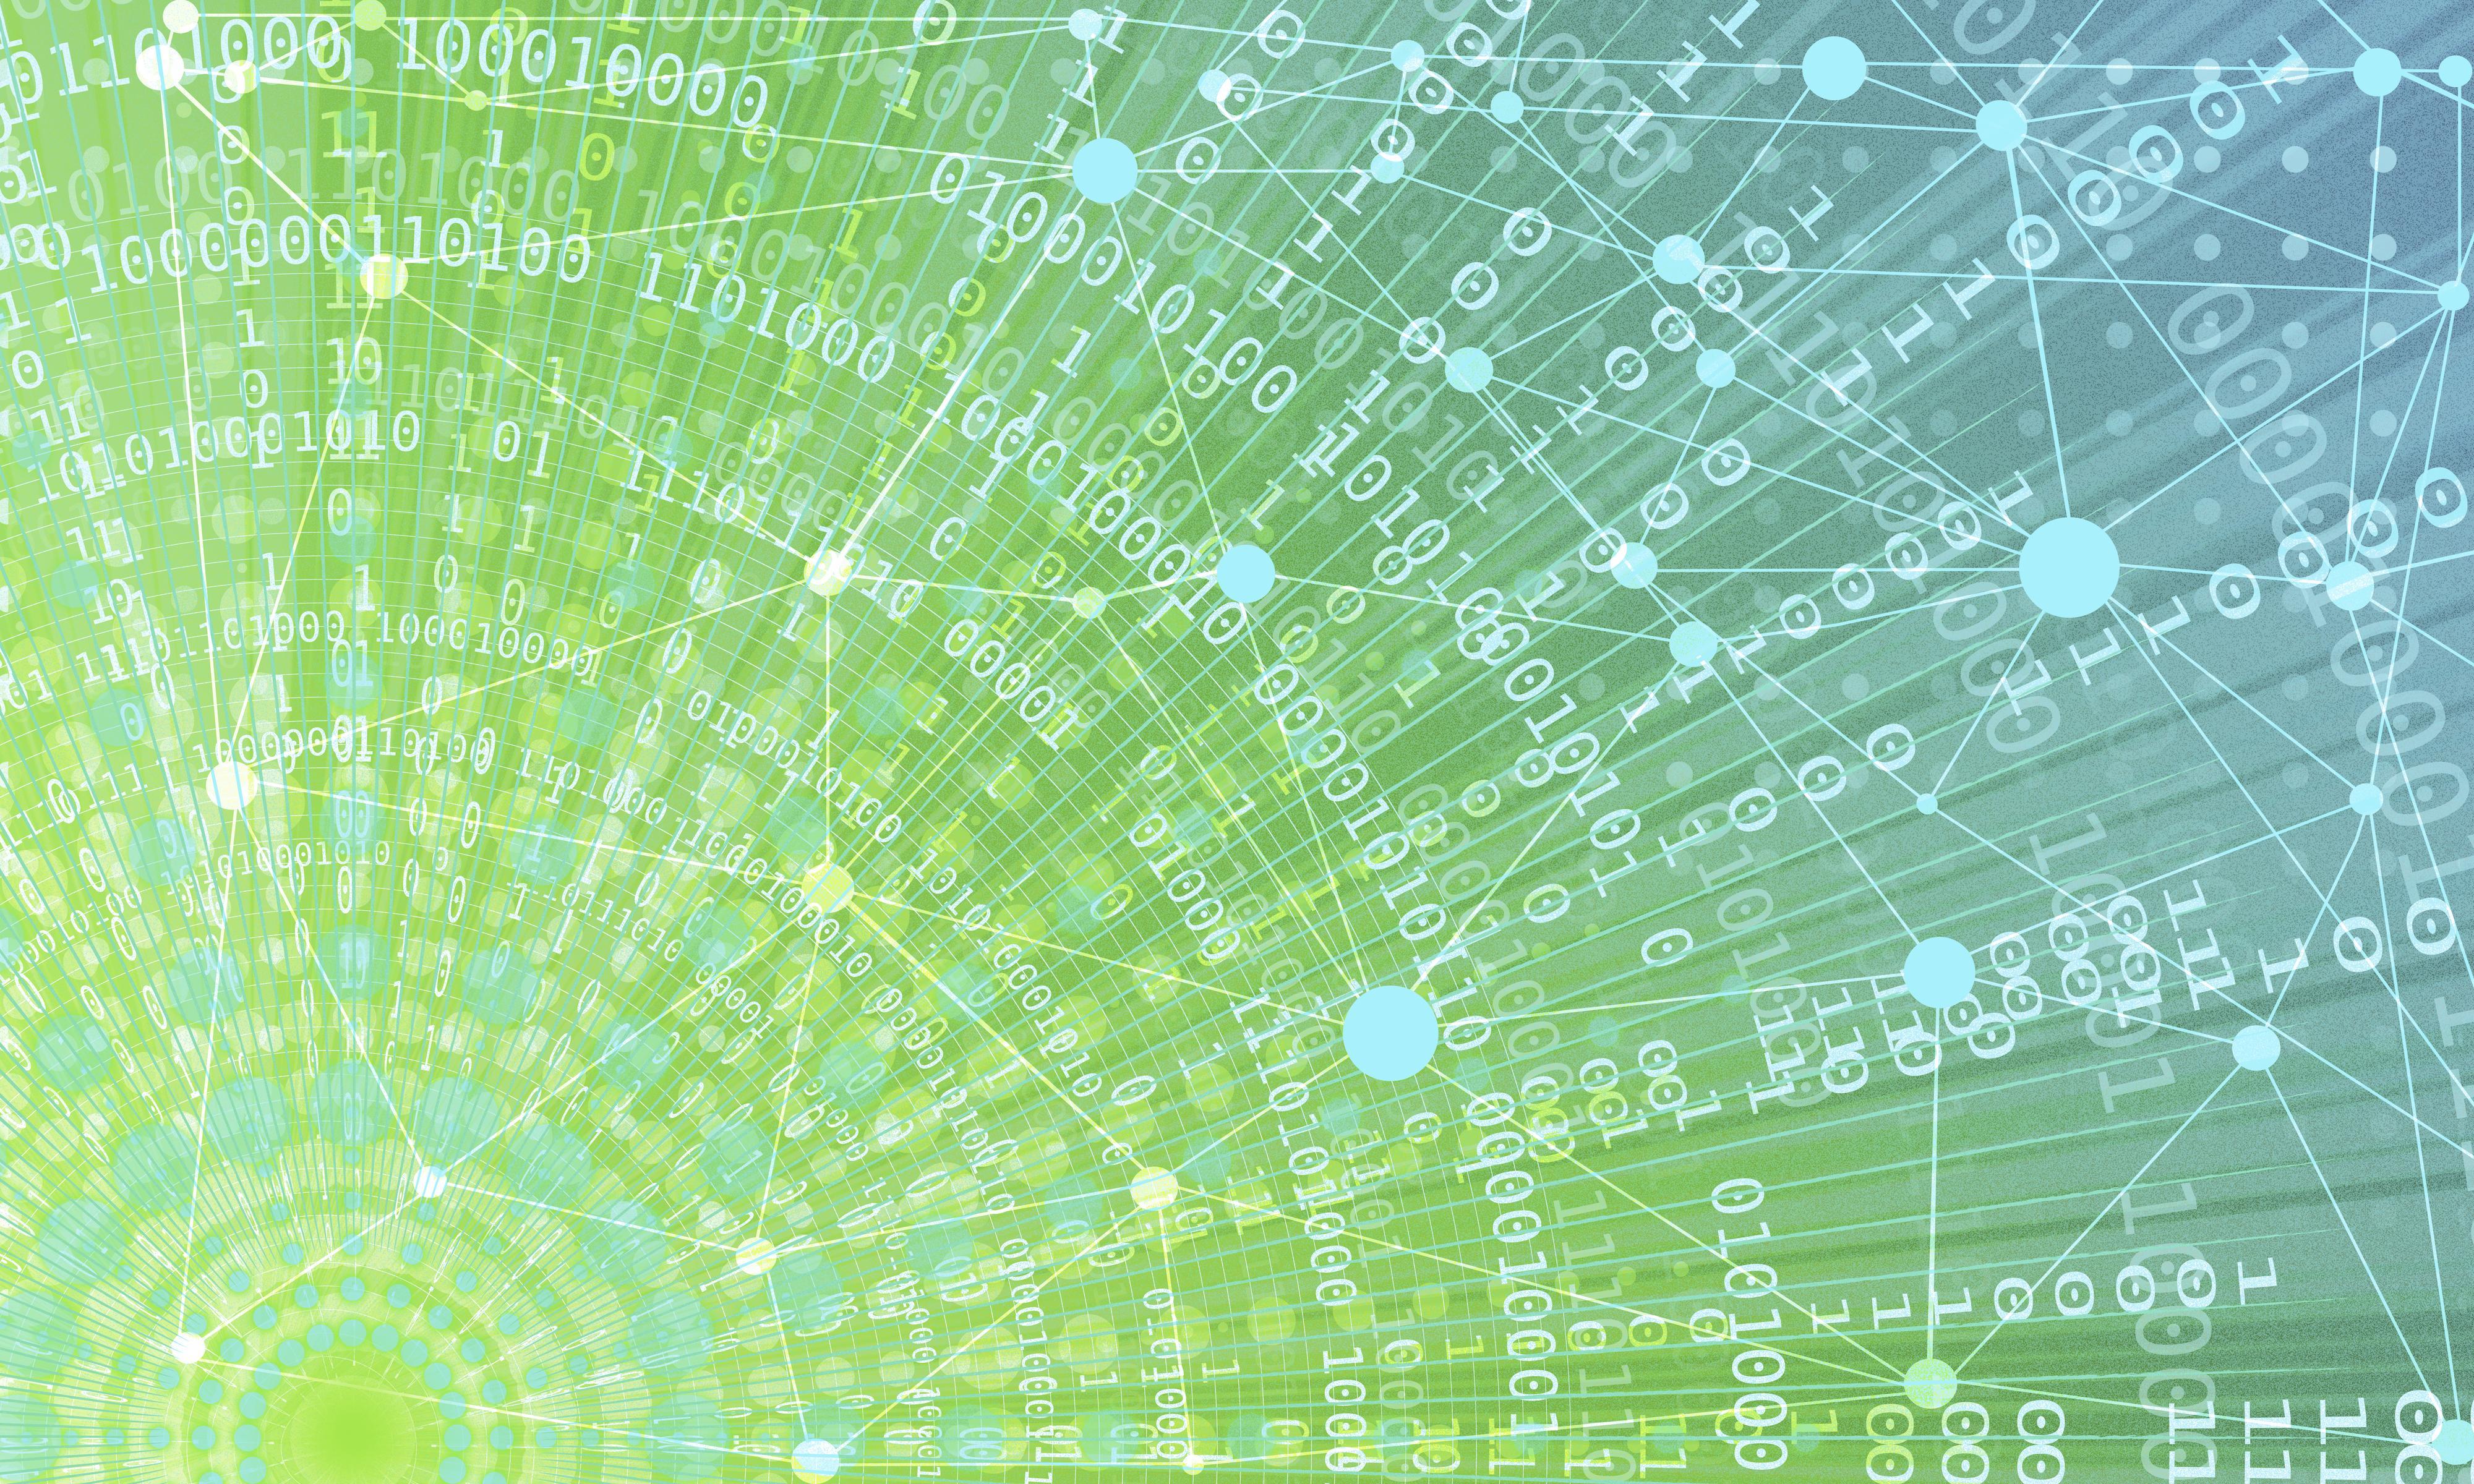 Kuvituskuva, bittejä ja numeroita mandalan muodossa sinivihreällä taustalla